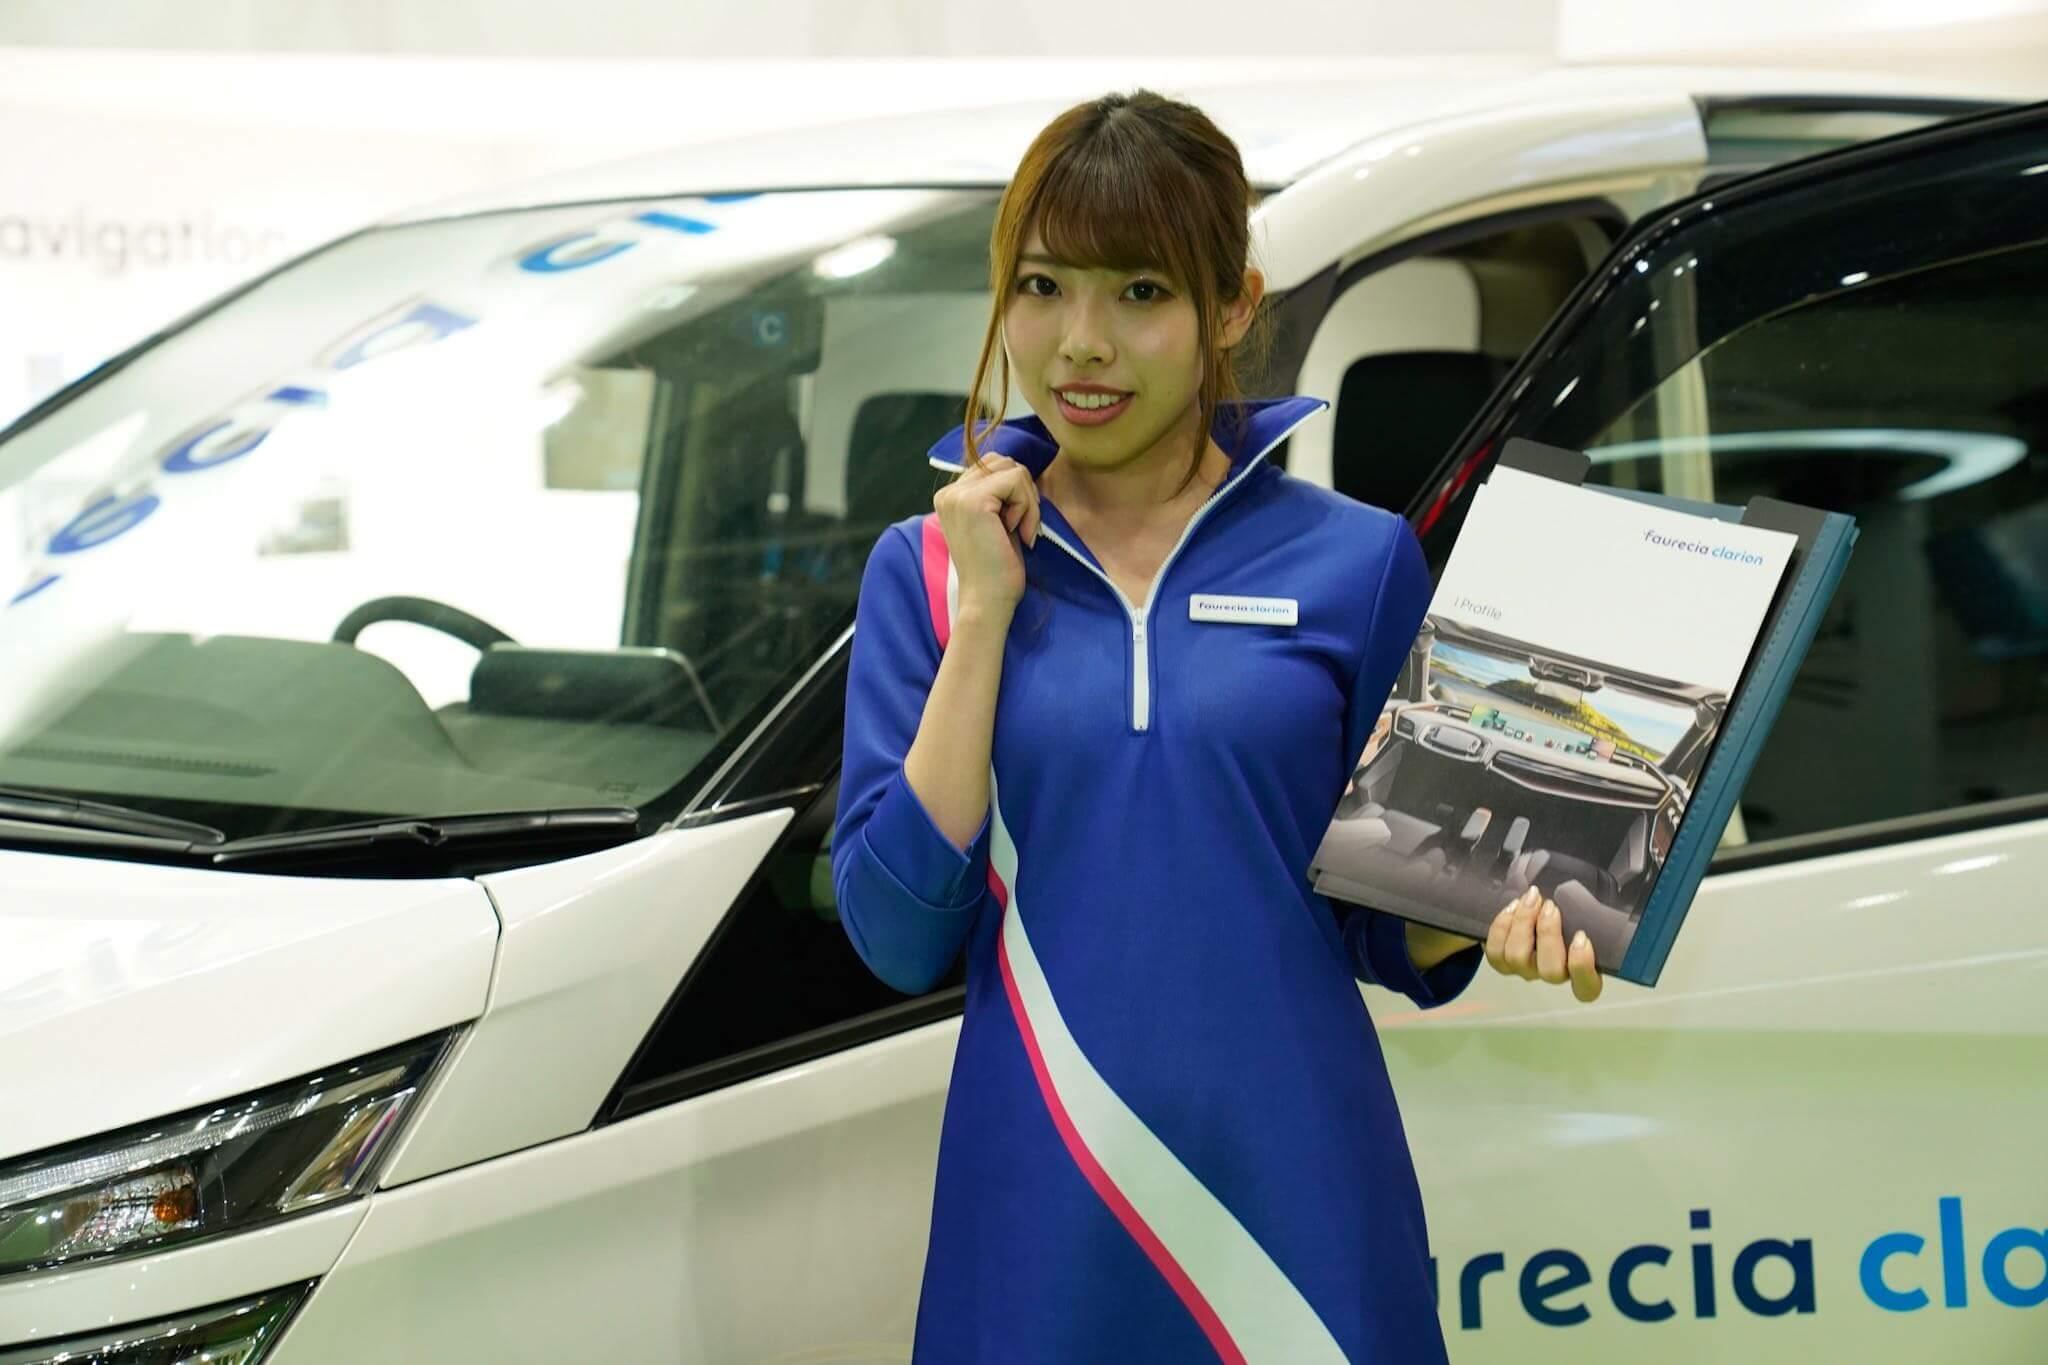 フォルシアクラリオン 東京モーターショー2019 コンパニオン